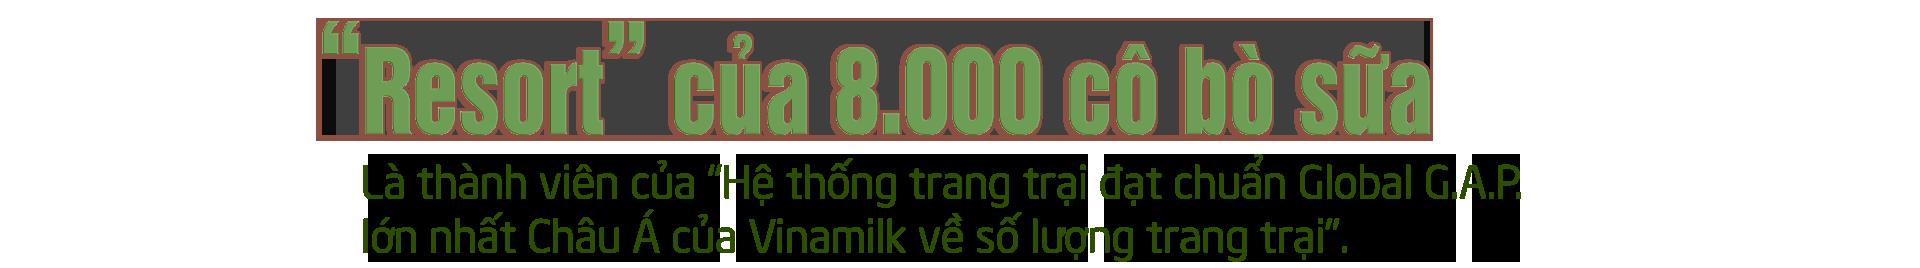 Khám phá các tiện nghi chuẩn 4.0 dành cho bò sữa của Vinamilk - Ảnh 1.